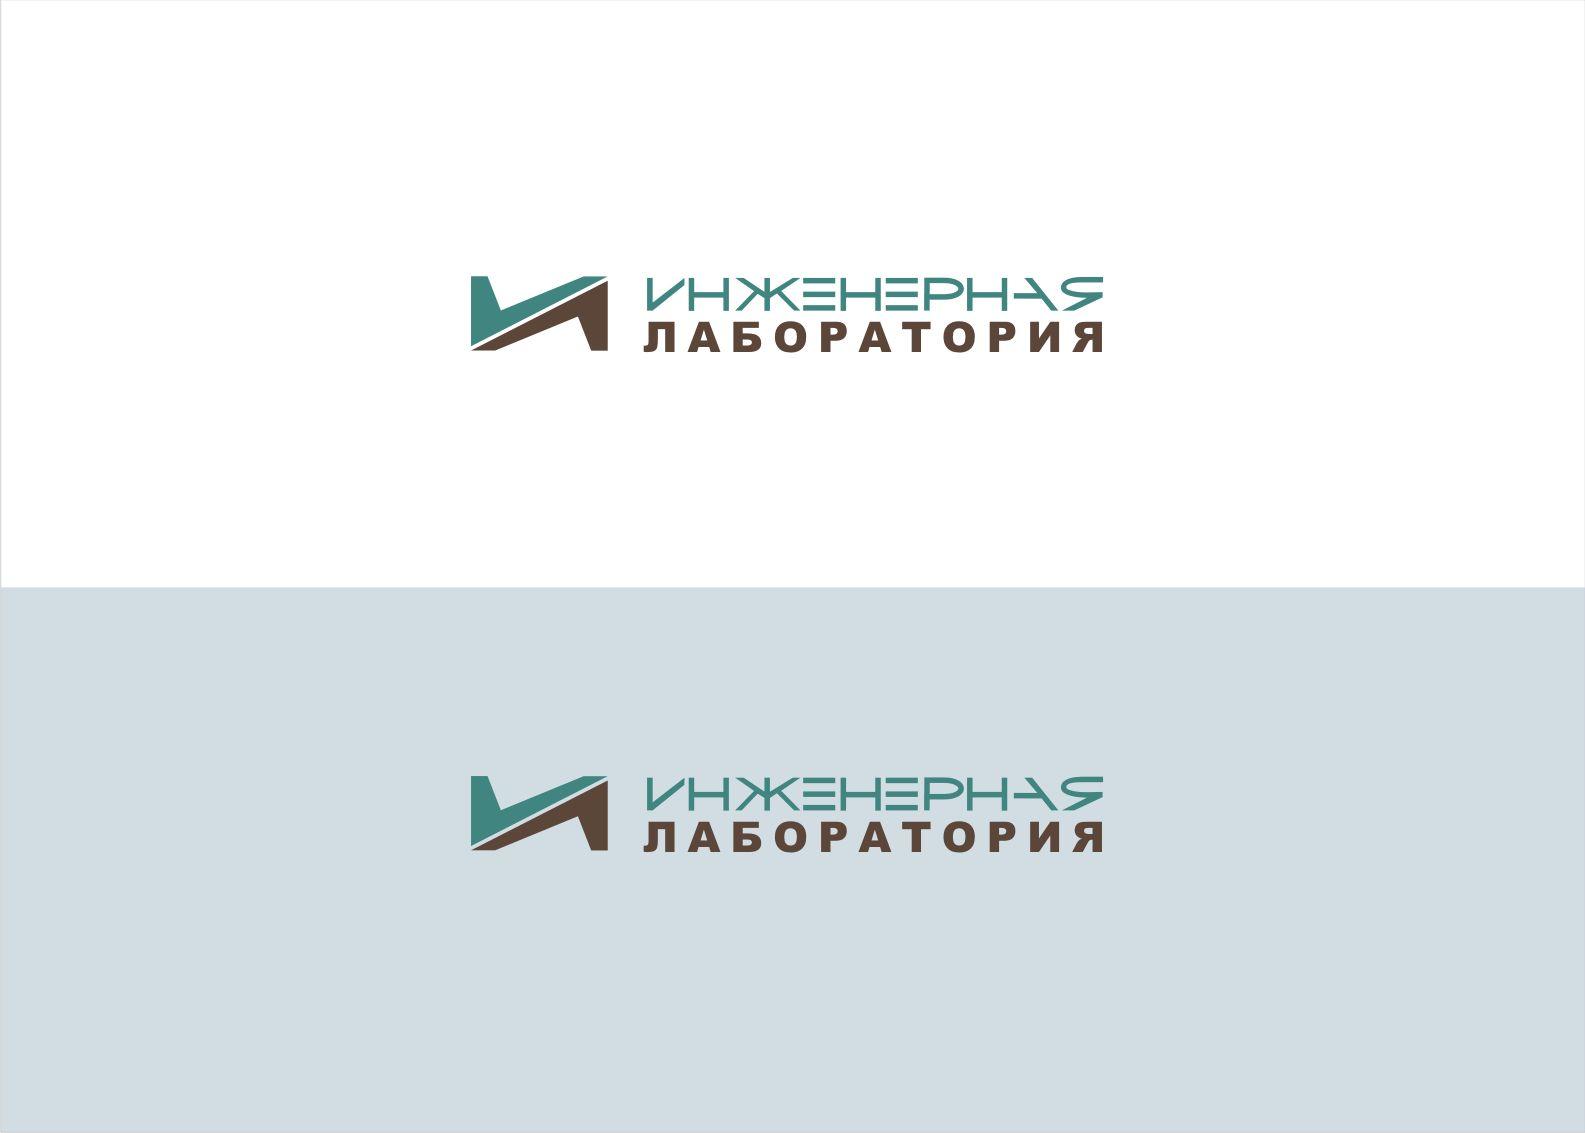 Лого и фирменный стиль для Инженерная лаборатория  - дизайнер vladim